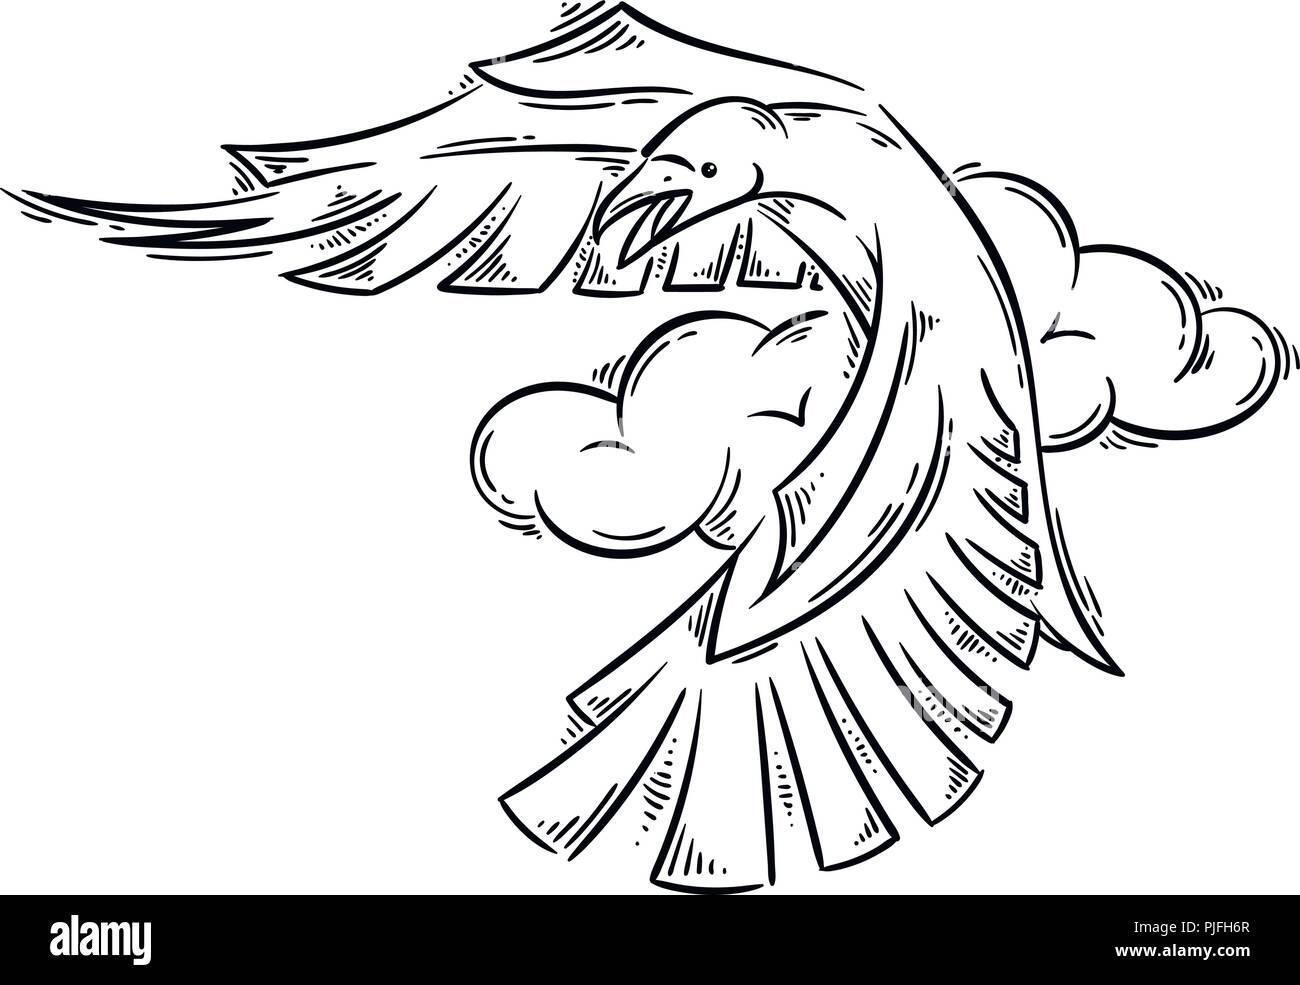 Raven En Abstracto Estilo Tatuaje Ilustración Vectorial Para